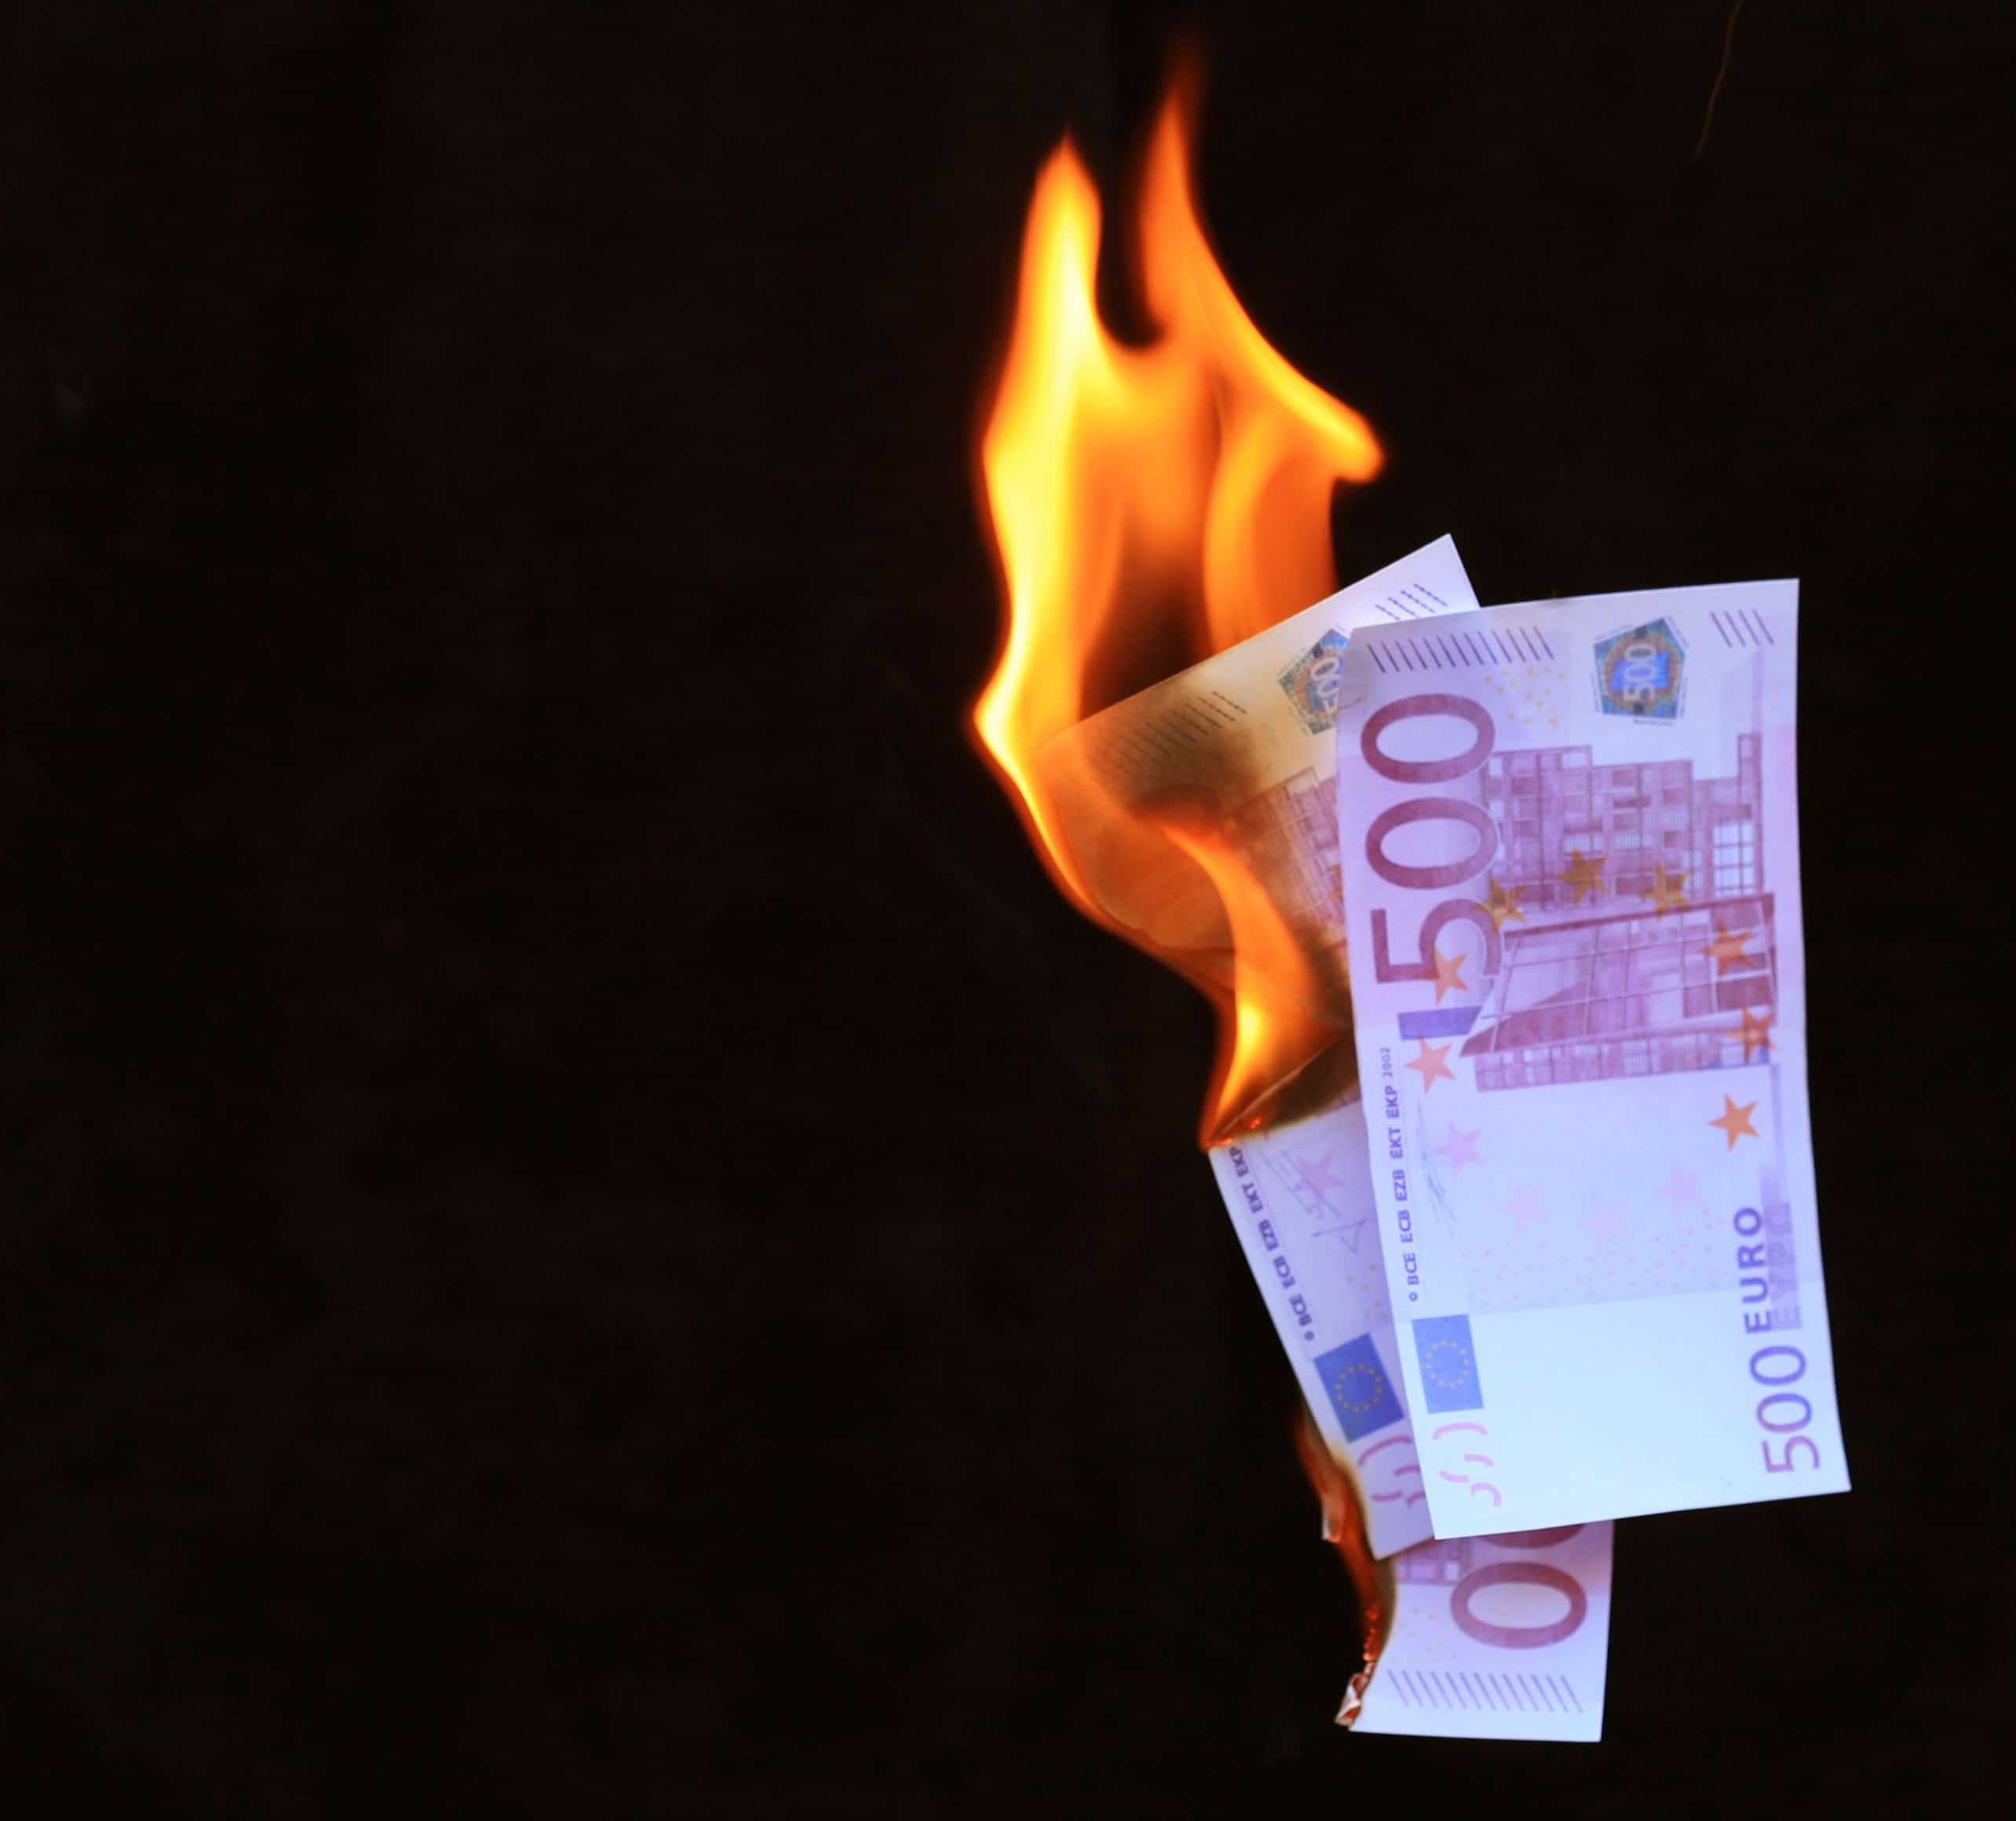 Bei der Immobilienfinanzierung kein Geld vernichten! - Experten-Tipps von Wilkens-Immobilien